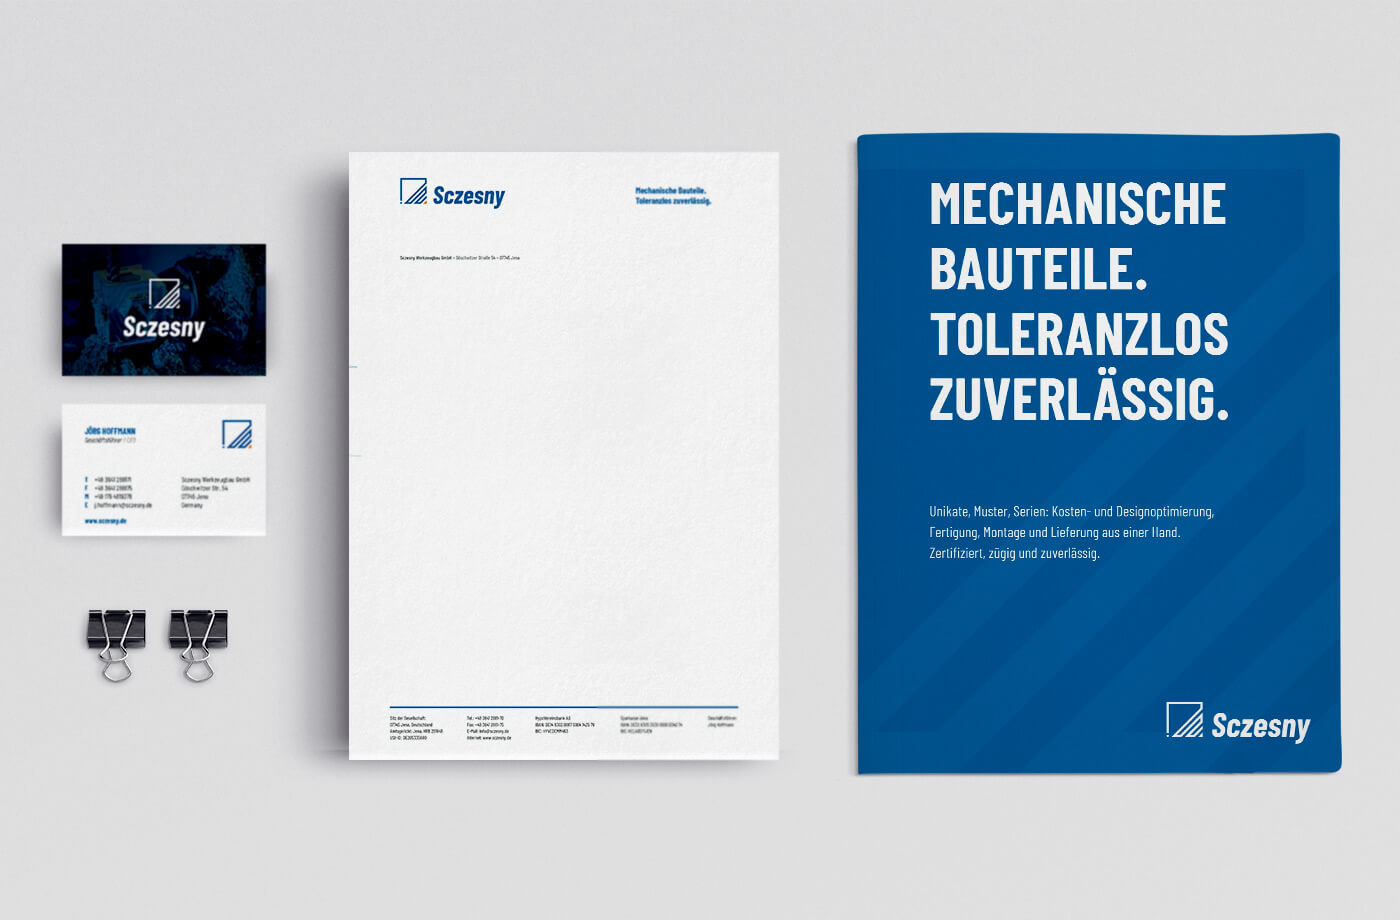 Sczesny GmbH